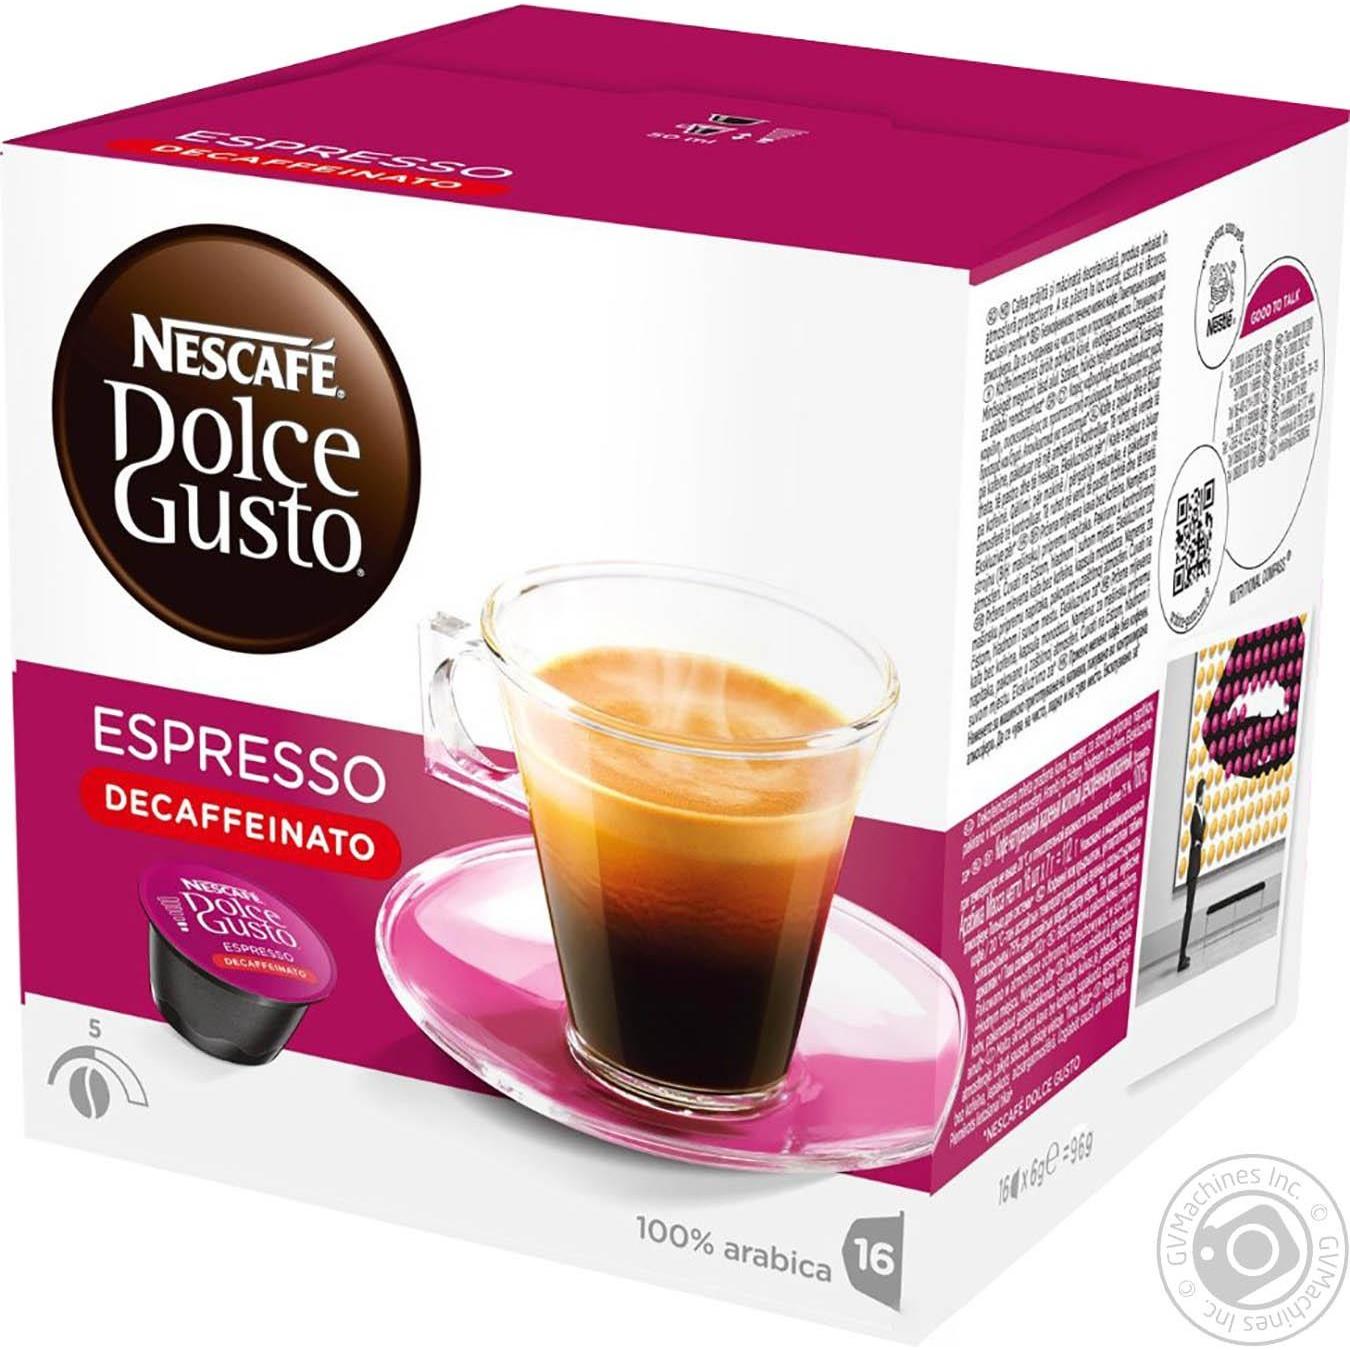 Купить Кофе Nescafe Dolce Gusto Эспрессо Декафеинато в капсулах 16*6г